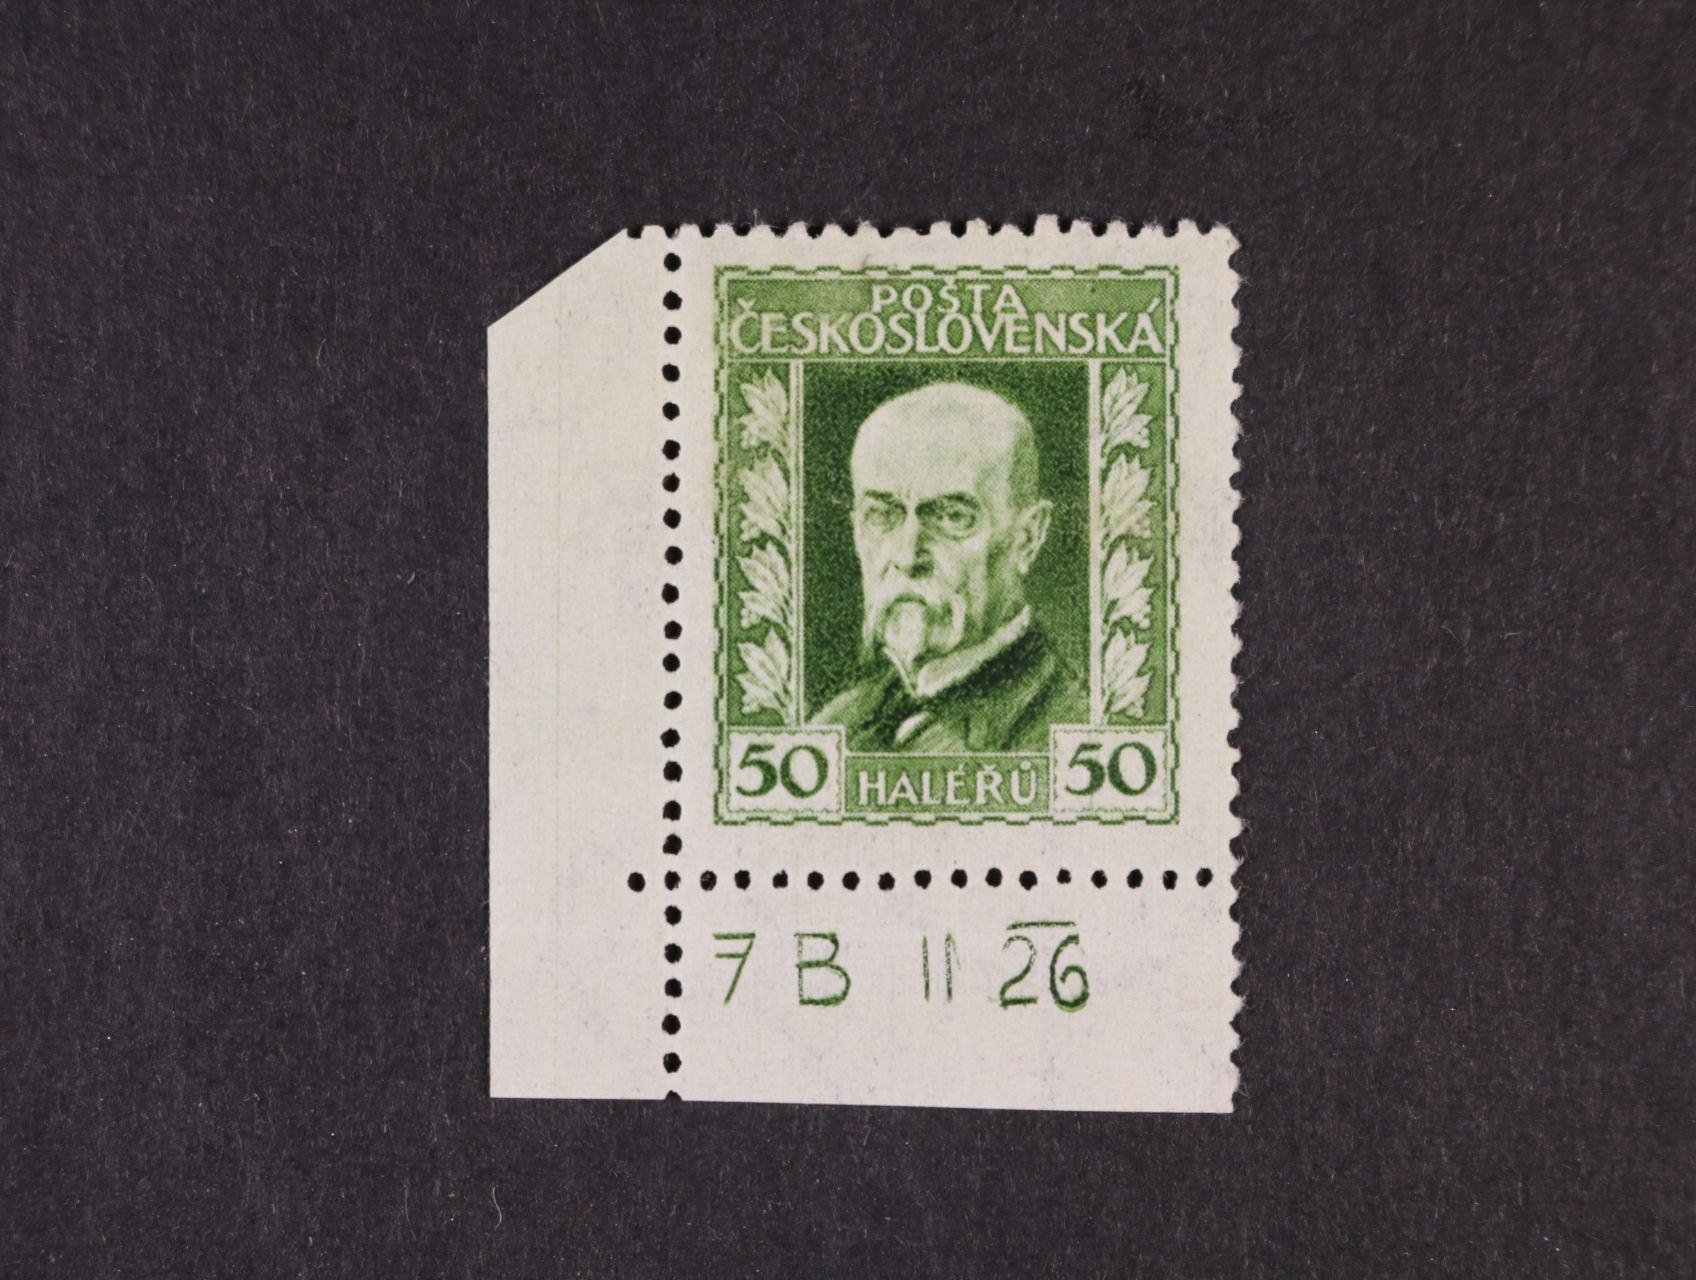 zn. č. 188 A, pr. 2 - levý spodní roh. kus s DZ 7 B  II 26